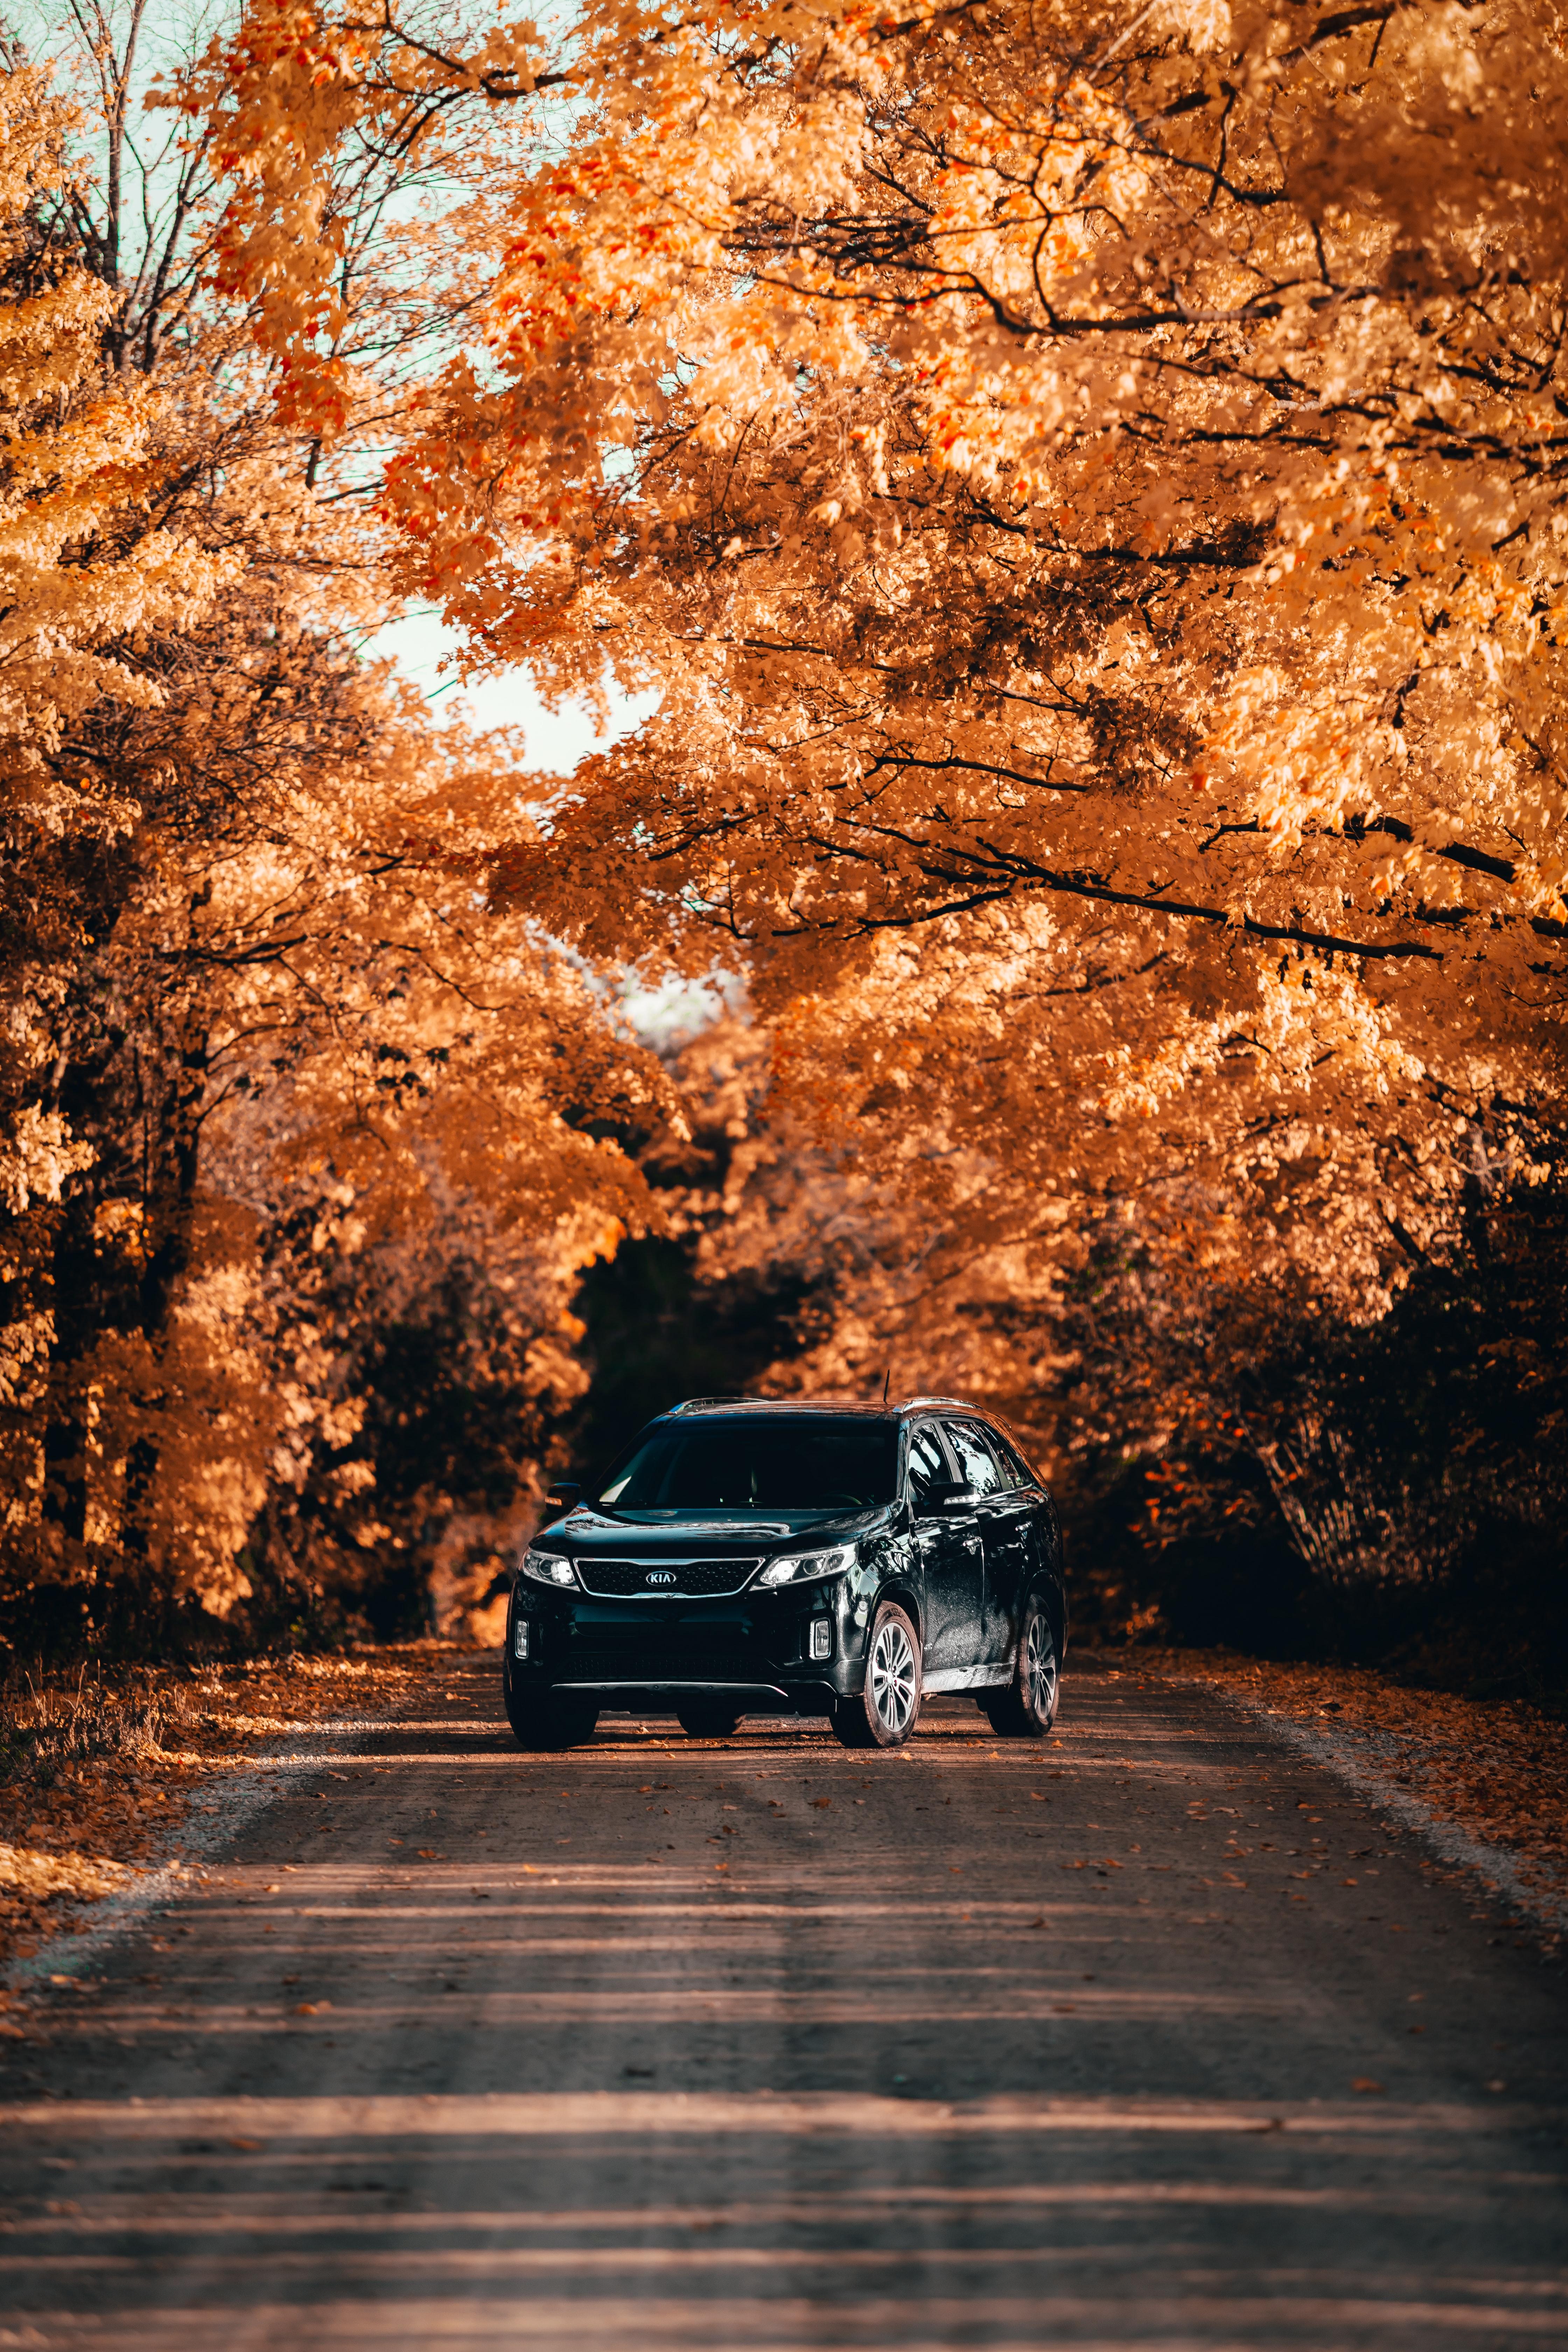 83654 Hintergrundbild herunterladen Auto, Kia, Cars, Straße, Wagen, Das Schwarze, Vorderansicht, Frontansicht - Bildschirmschoner und Bilder kostenlos